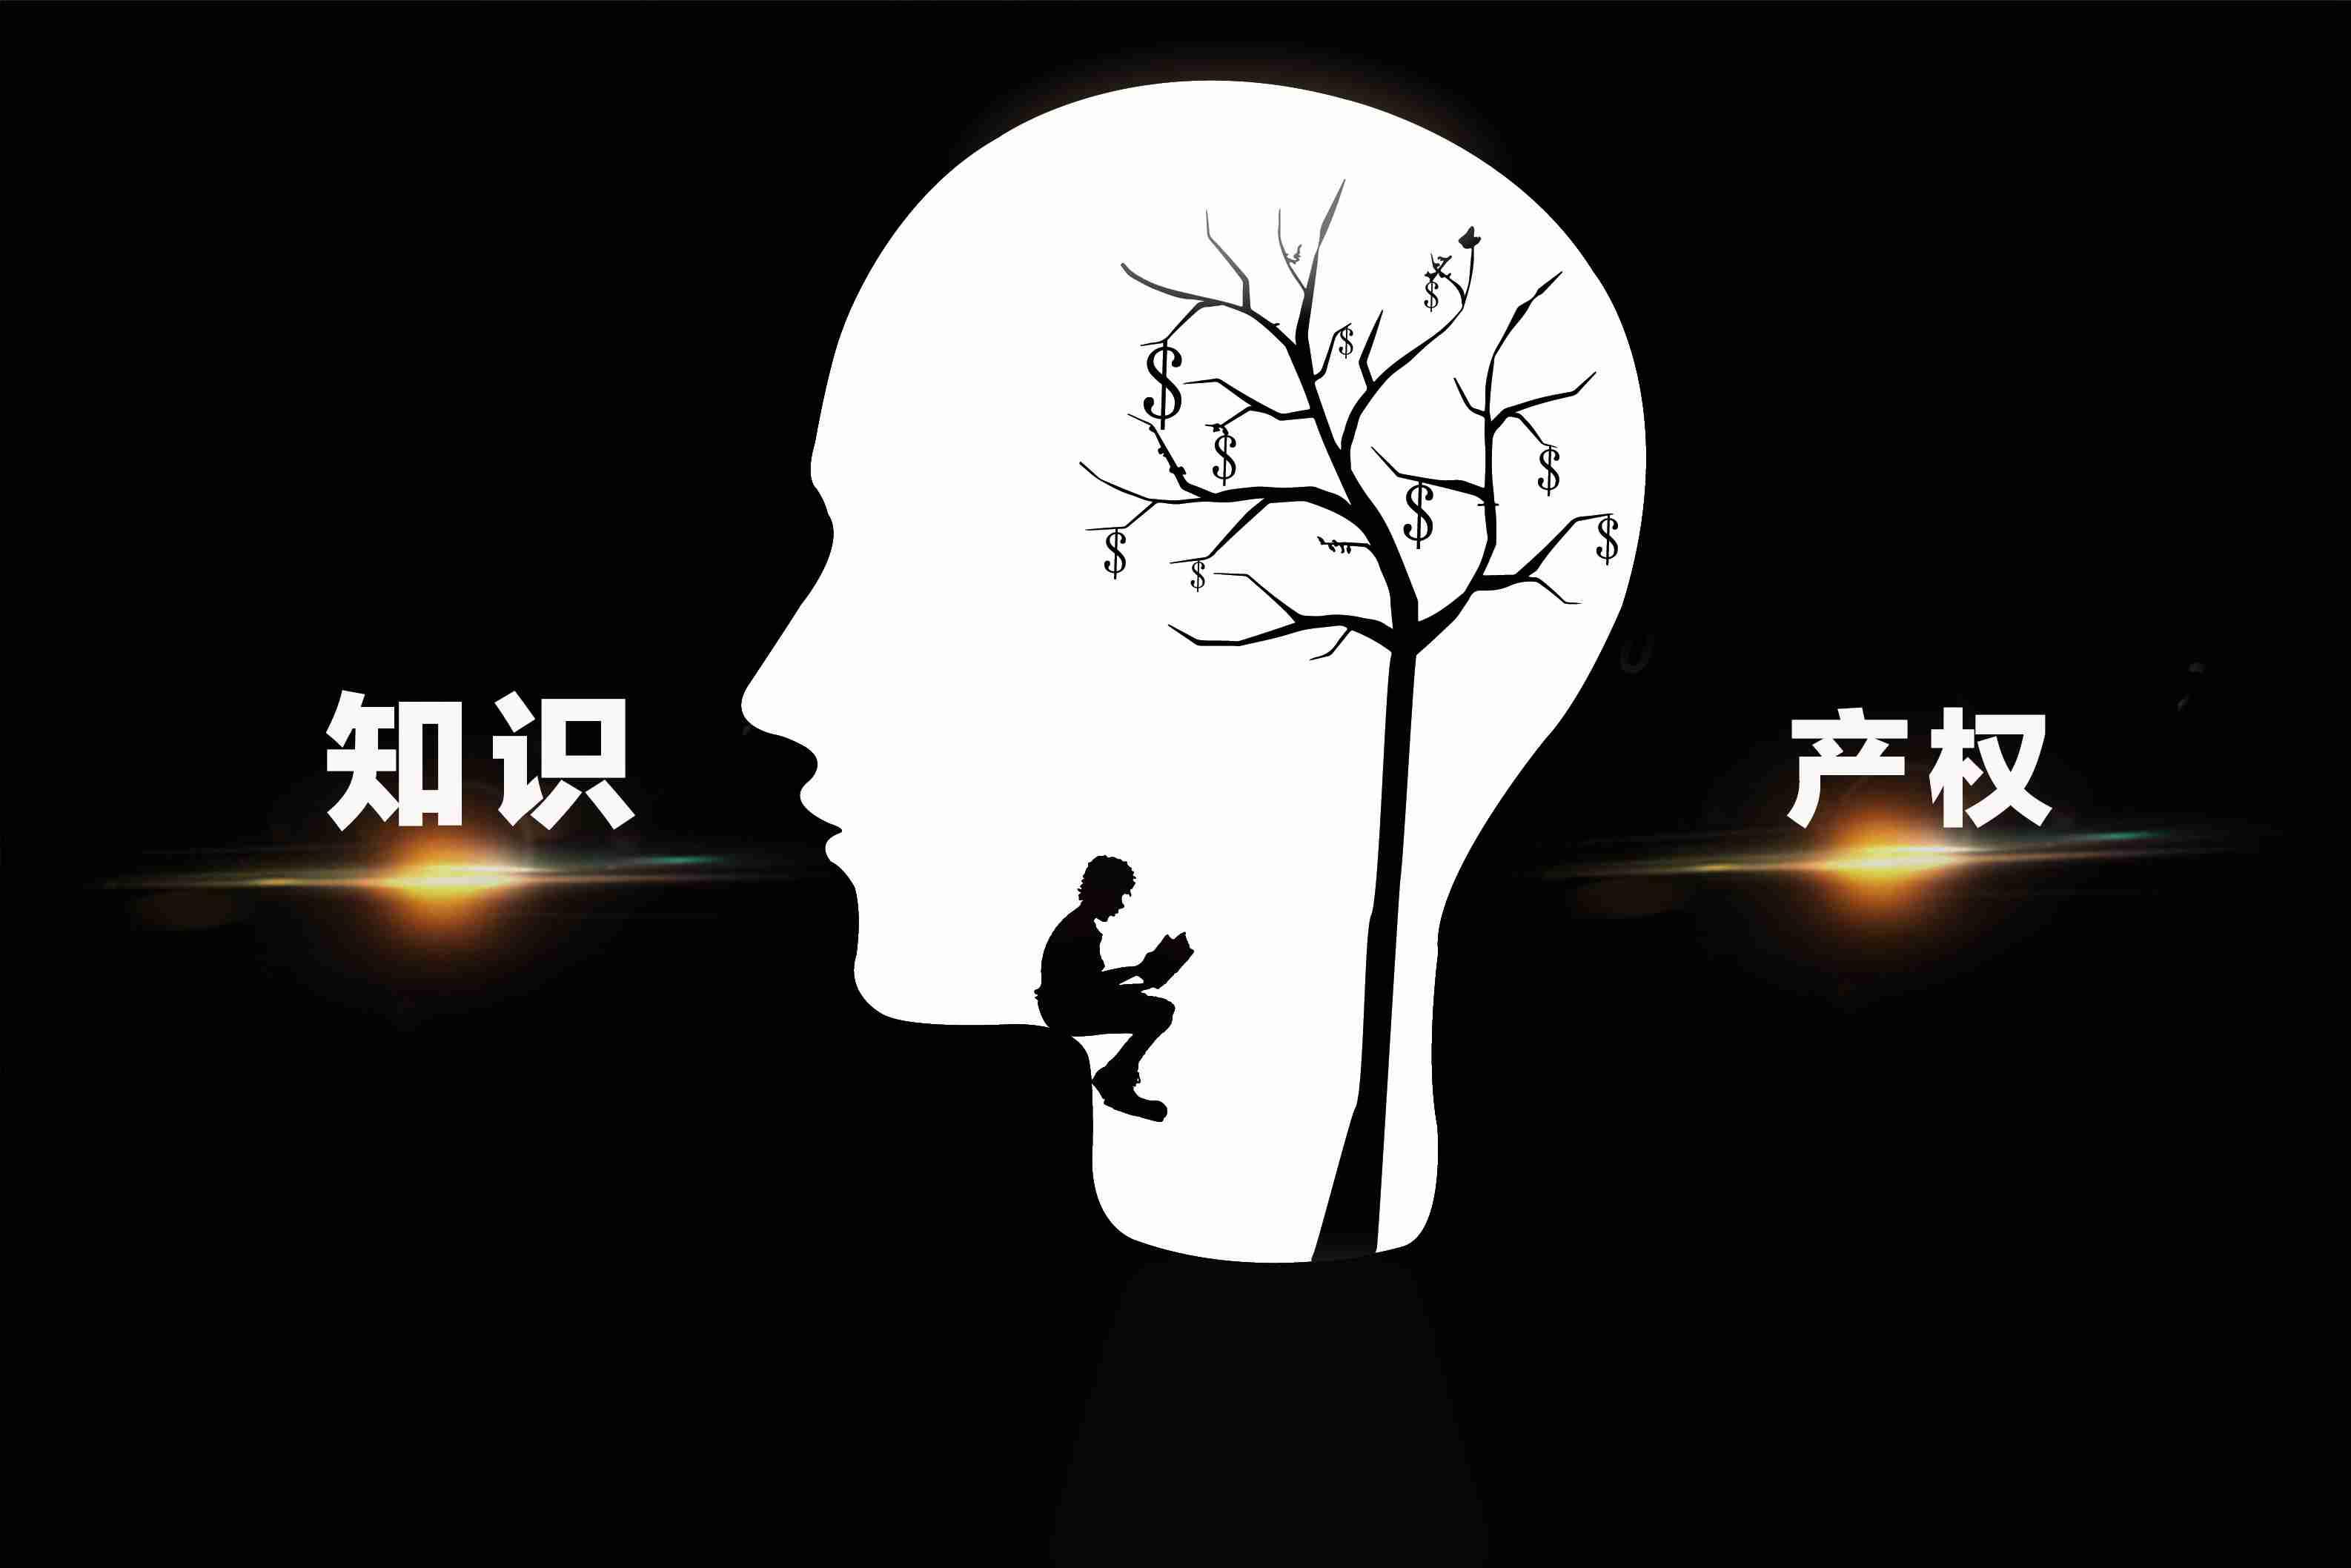 深圳版权律师教你如何申请版权保护